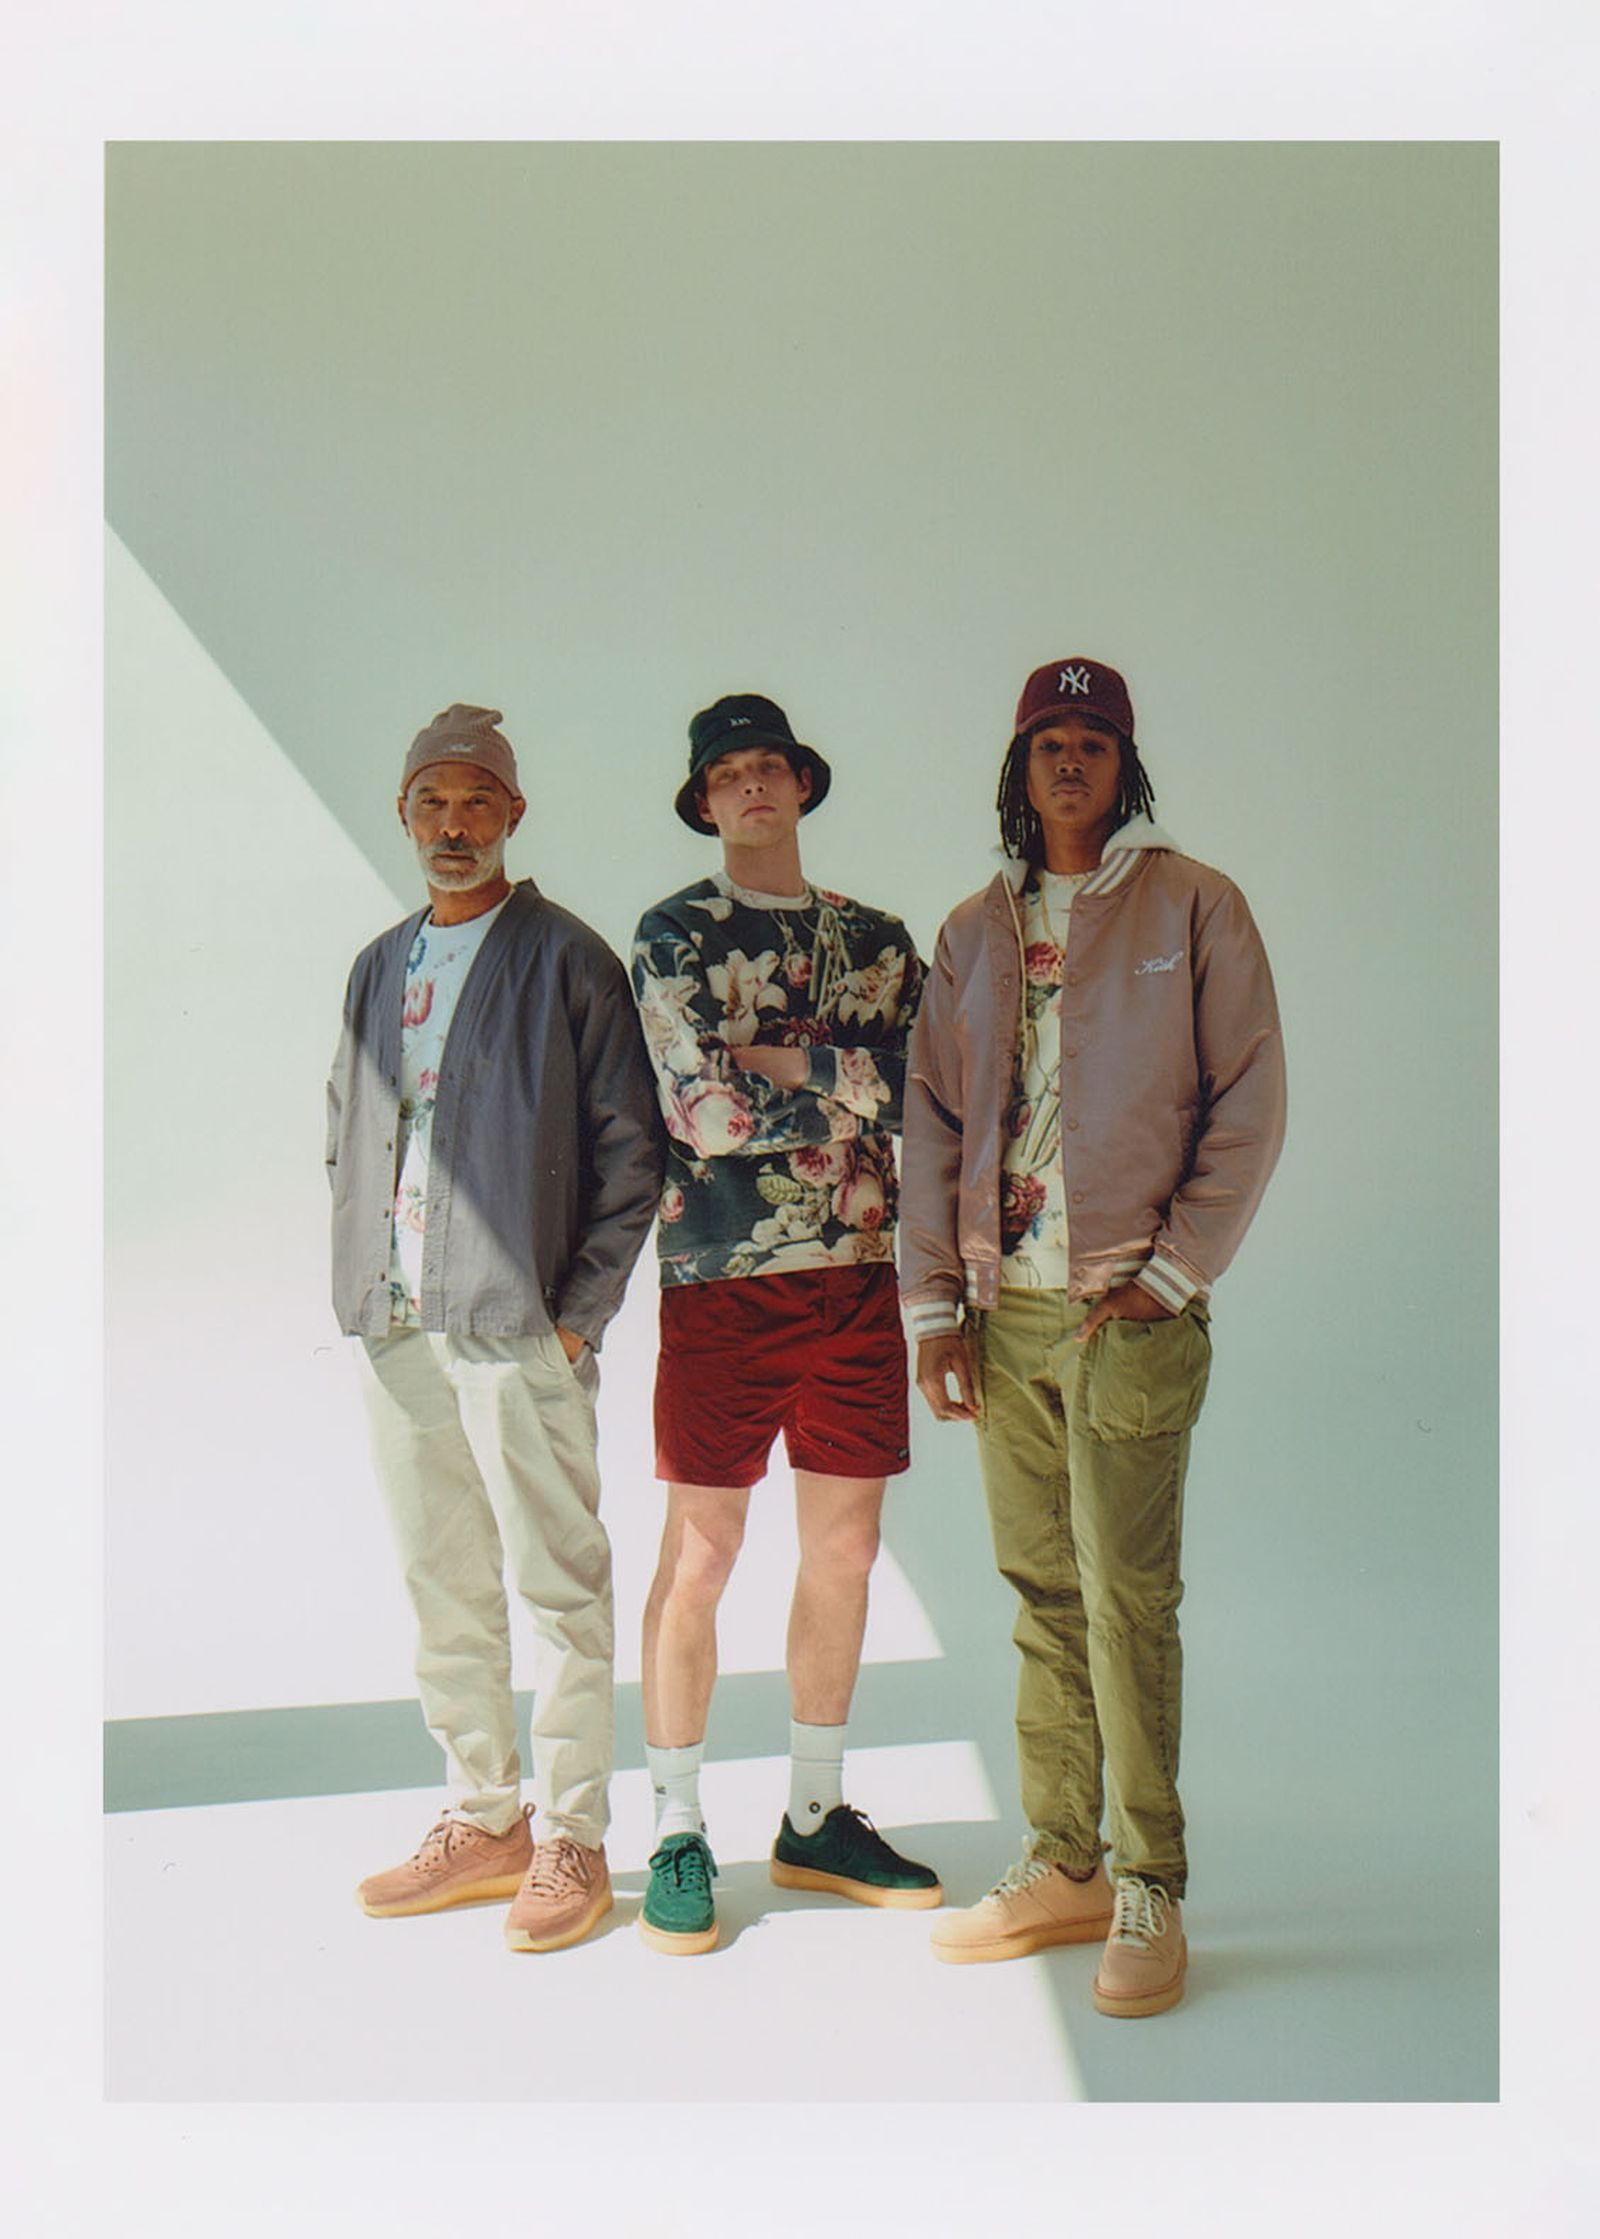 ronnie-fieg-clarks-originals-8th-street-lookbook-06